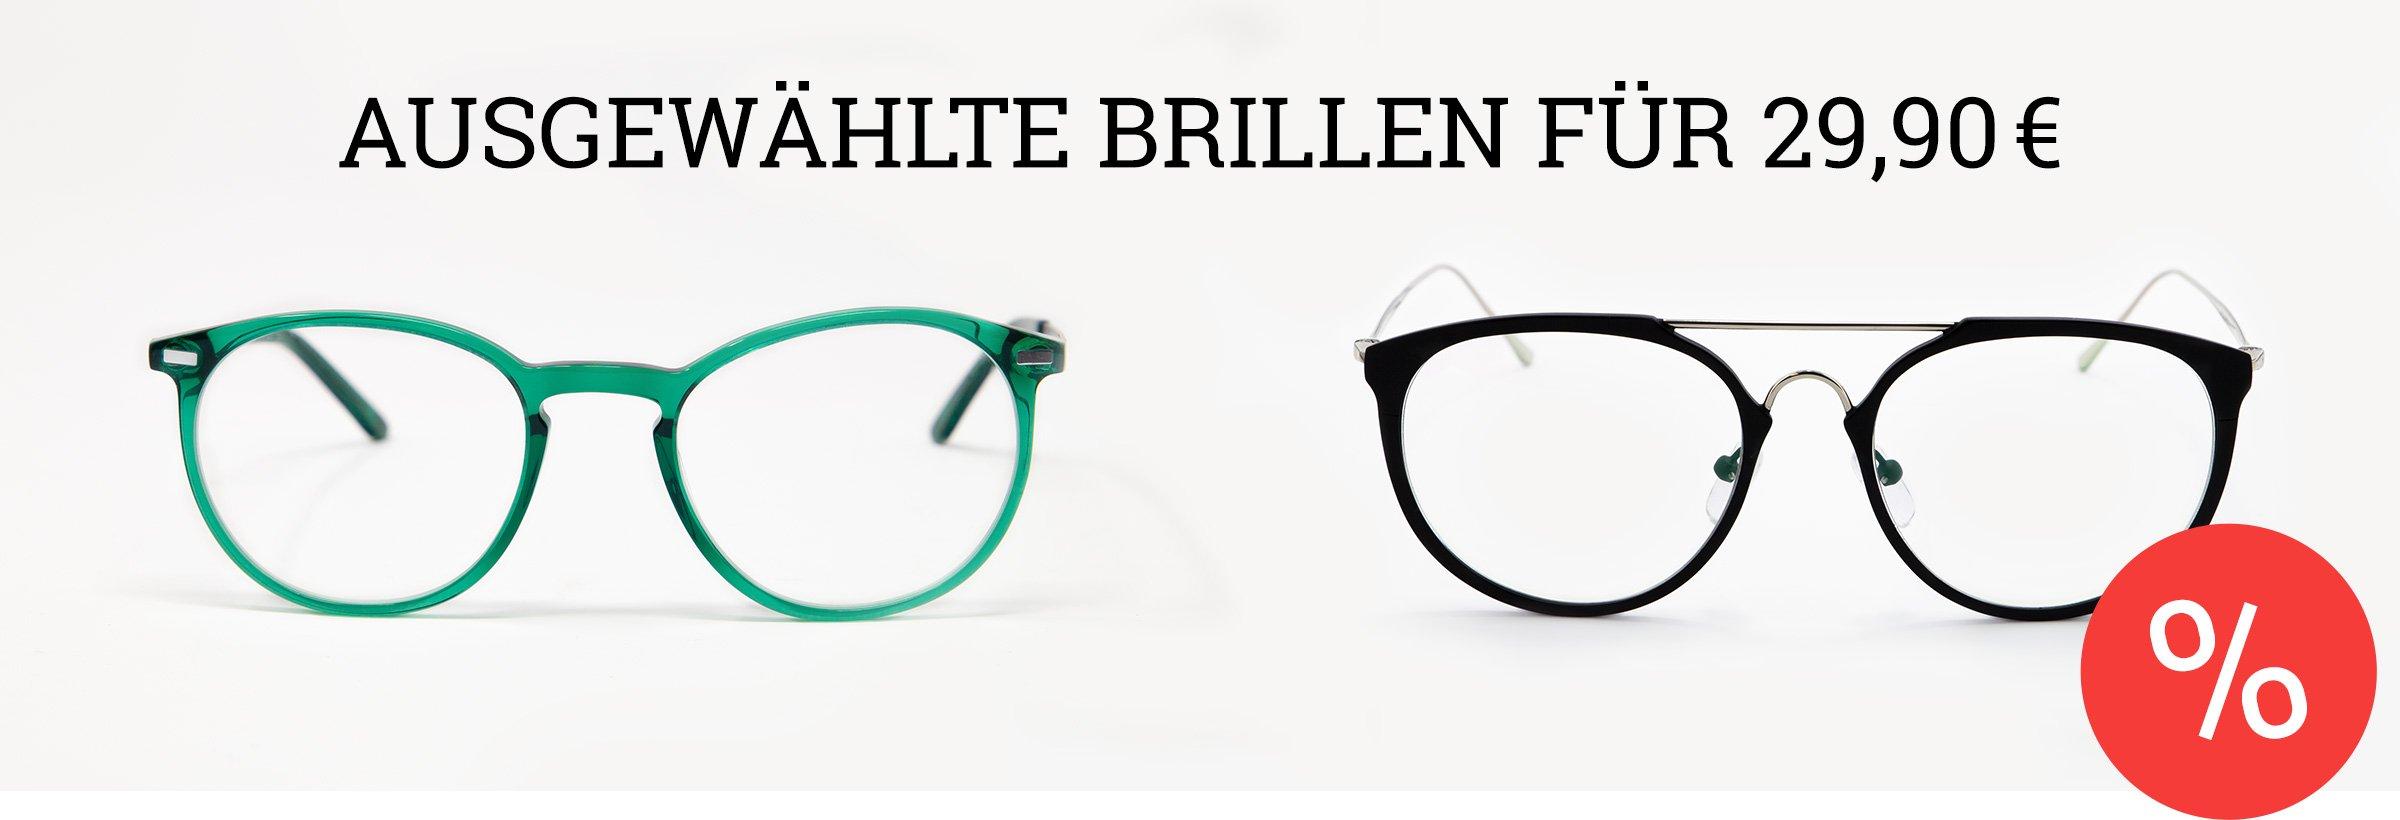 407b3e05498b8c Brillen bei Brille24 kaufen - Dein Online-Optiker! - Brille24